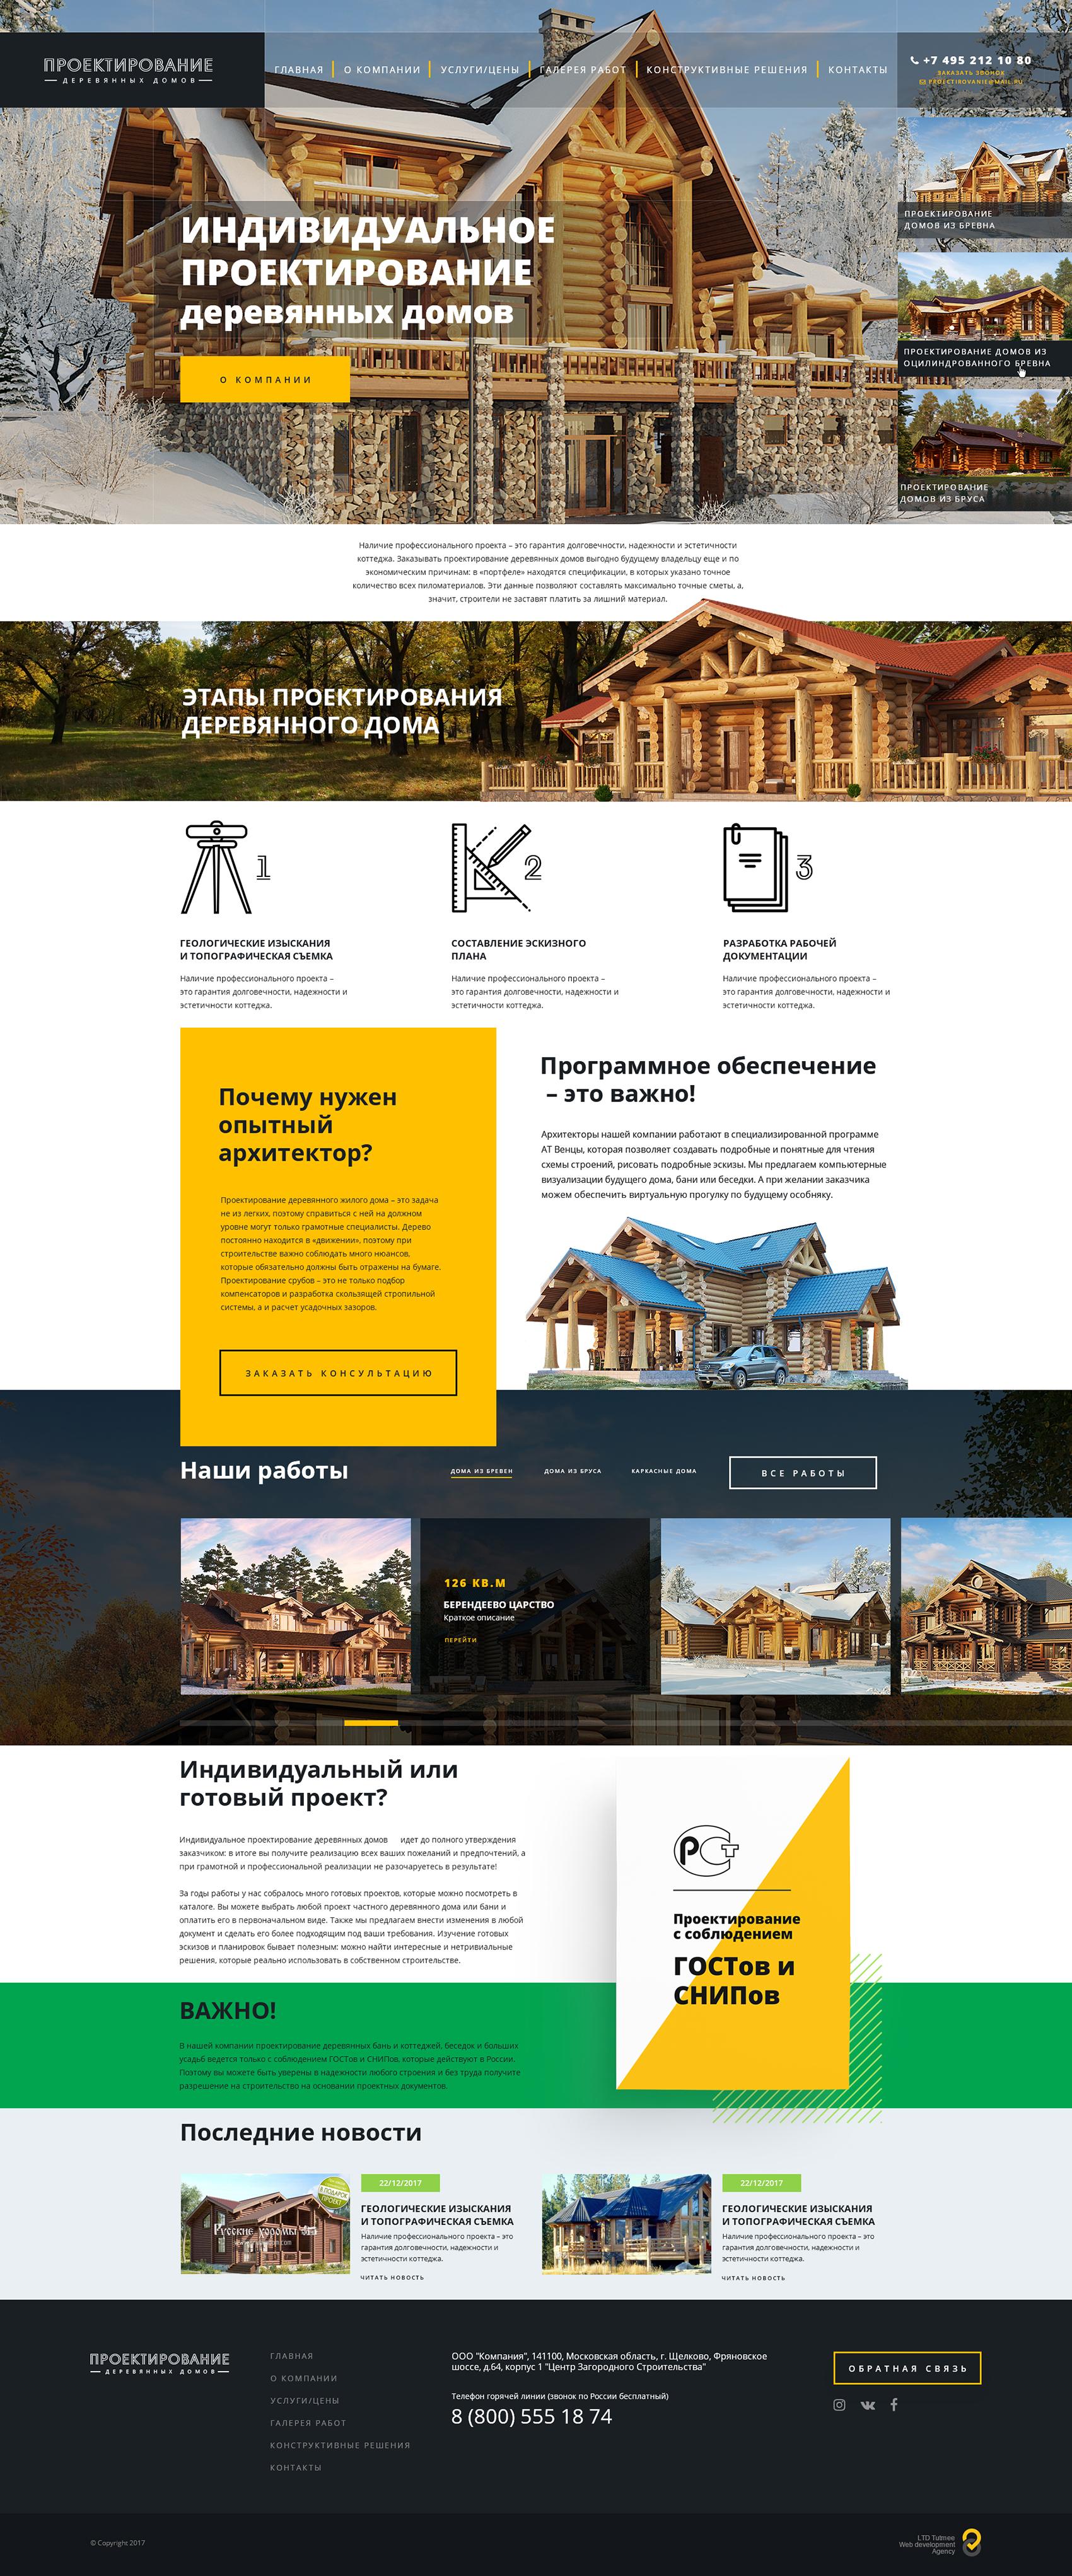 Адаптивный дизайн сайта - Проектирование деревянных домов